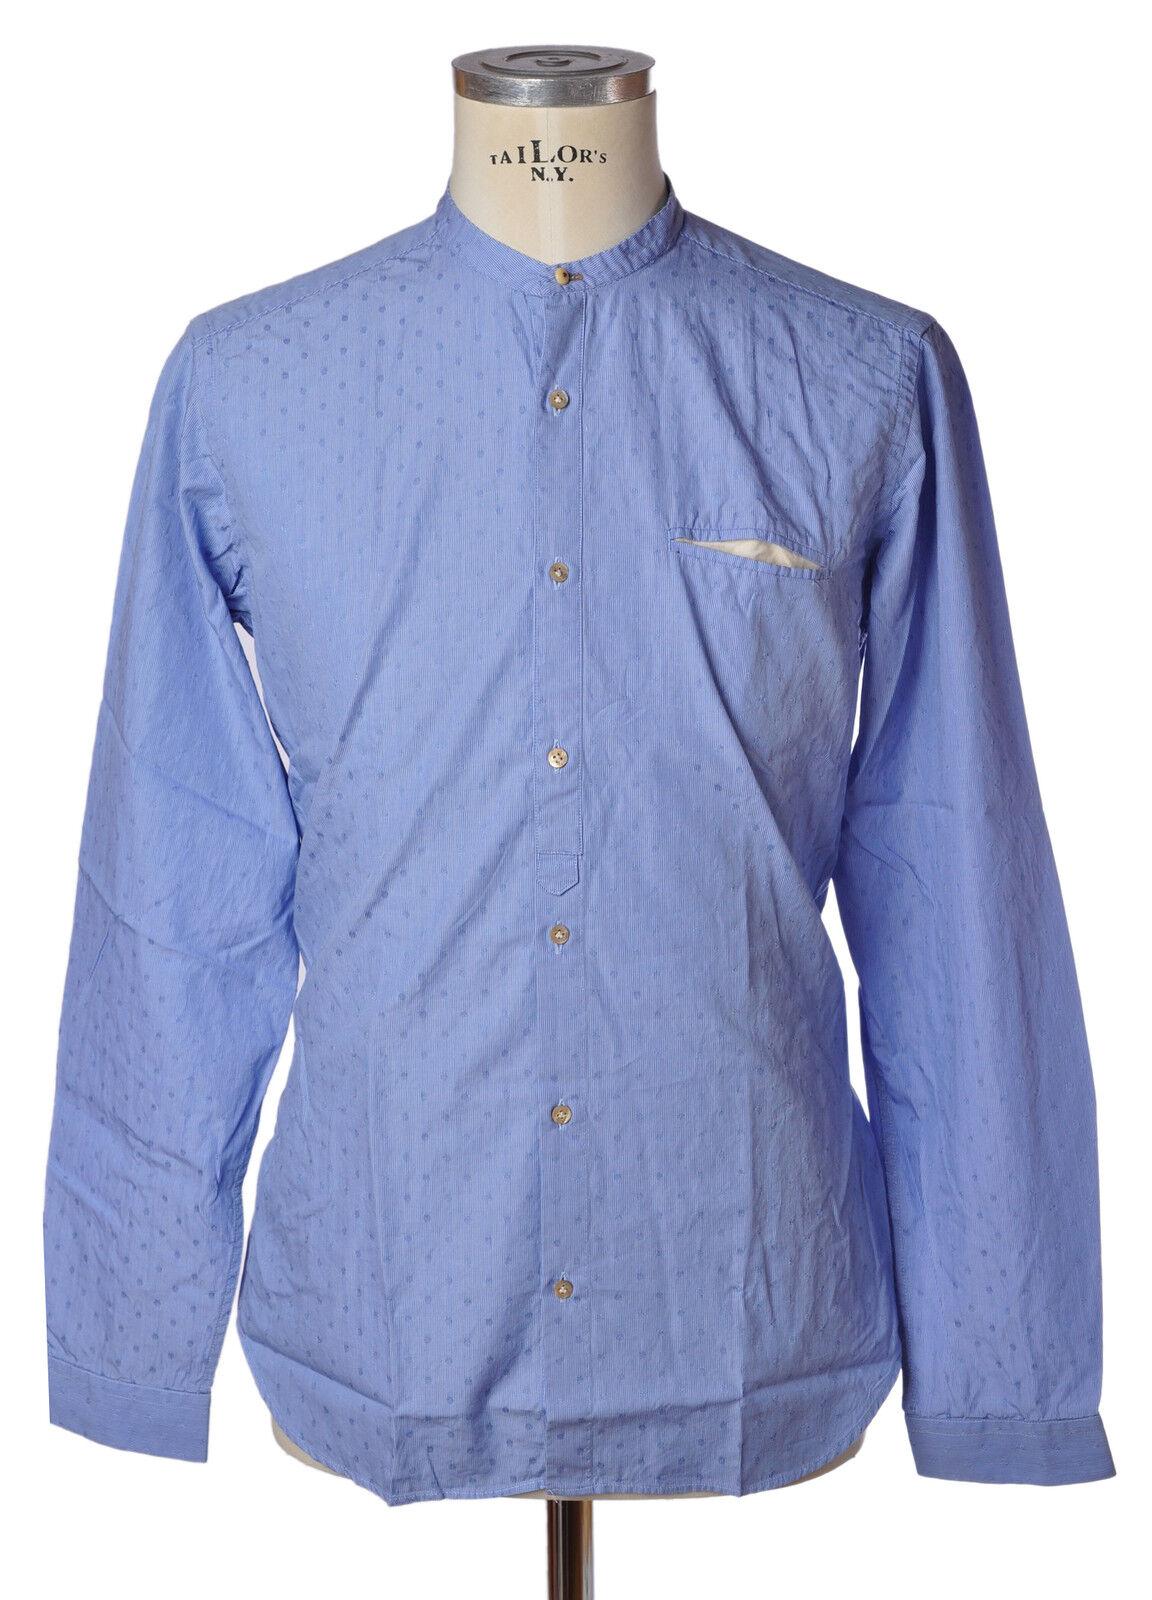 Dnl  -  Shirts - male - 41-16 - None - 245102B165107